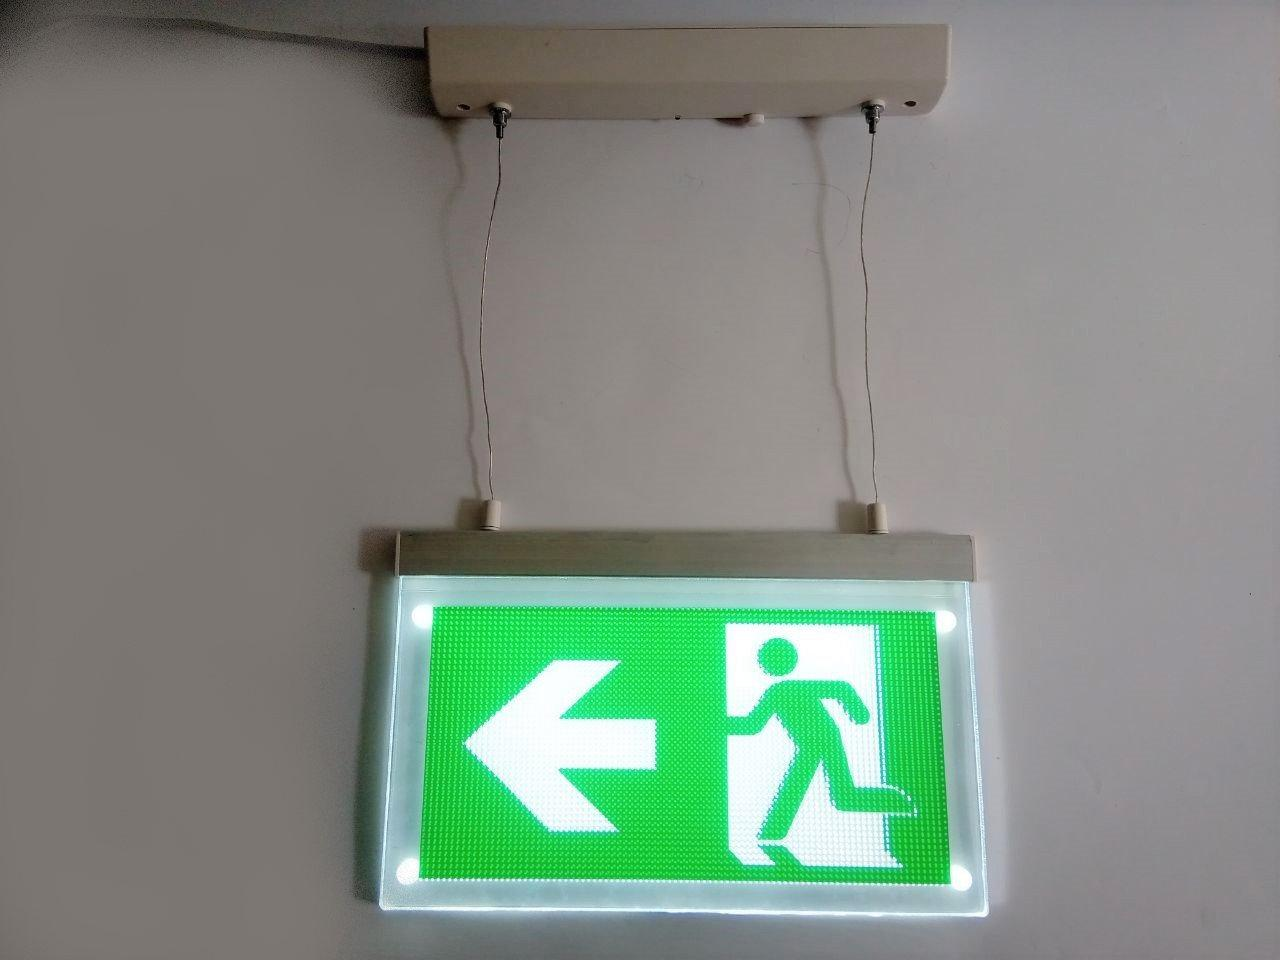 Указатель эвакуационного выхода аккумуляторный подвесной для аварийного освещения 220В